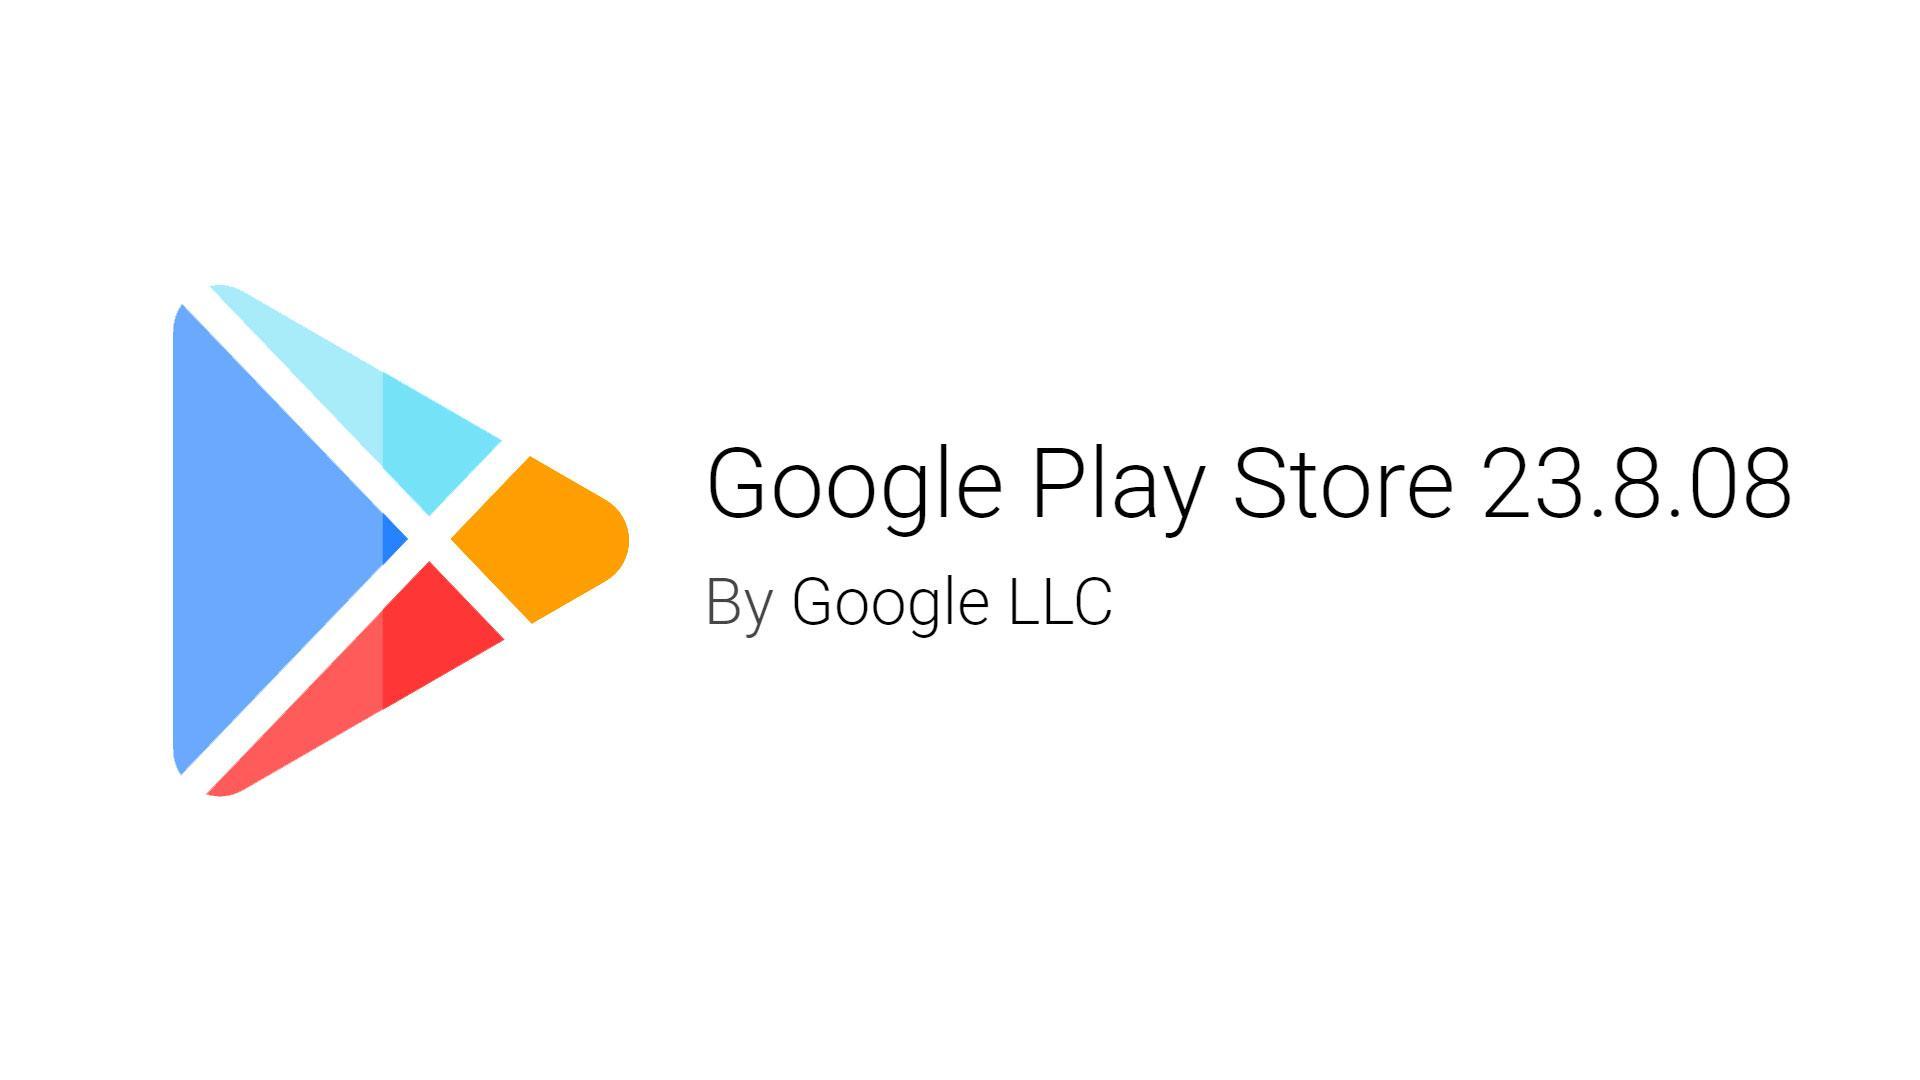 Google Play Store обновился до версии 23.8.08. Скачиваем и устанавливаем